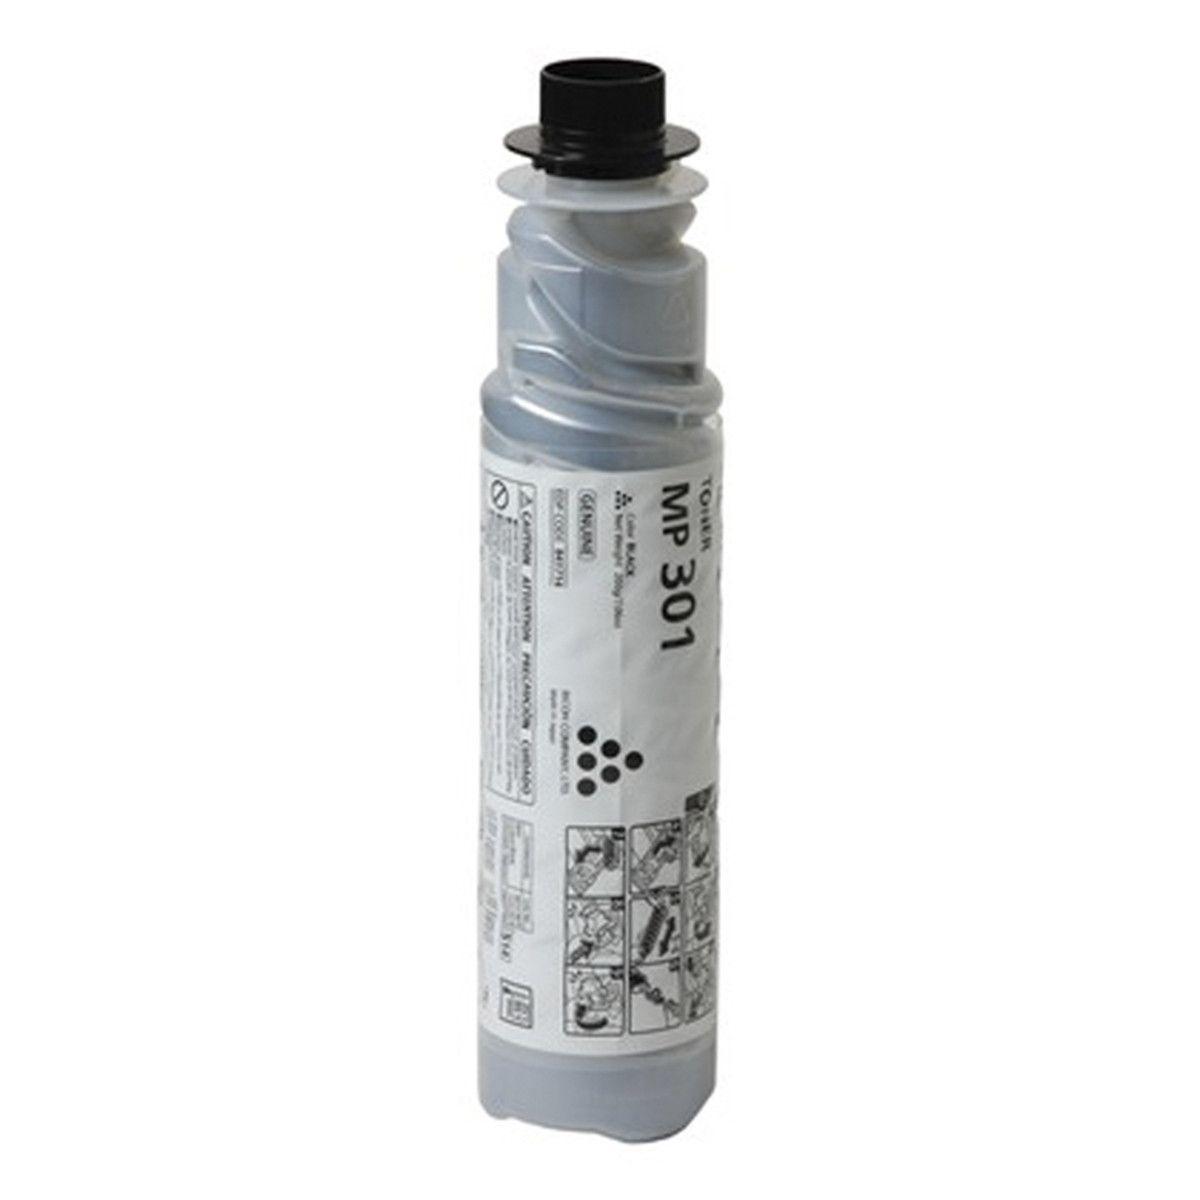 Toner compatível com RICOH AFÍCIO MP 301SPF MP301 301 220 g - Cartucho & Cia